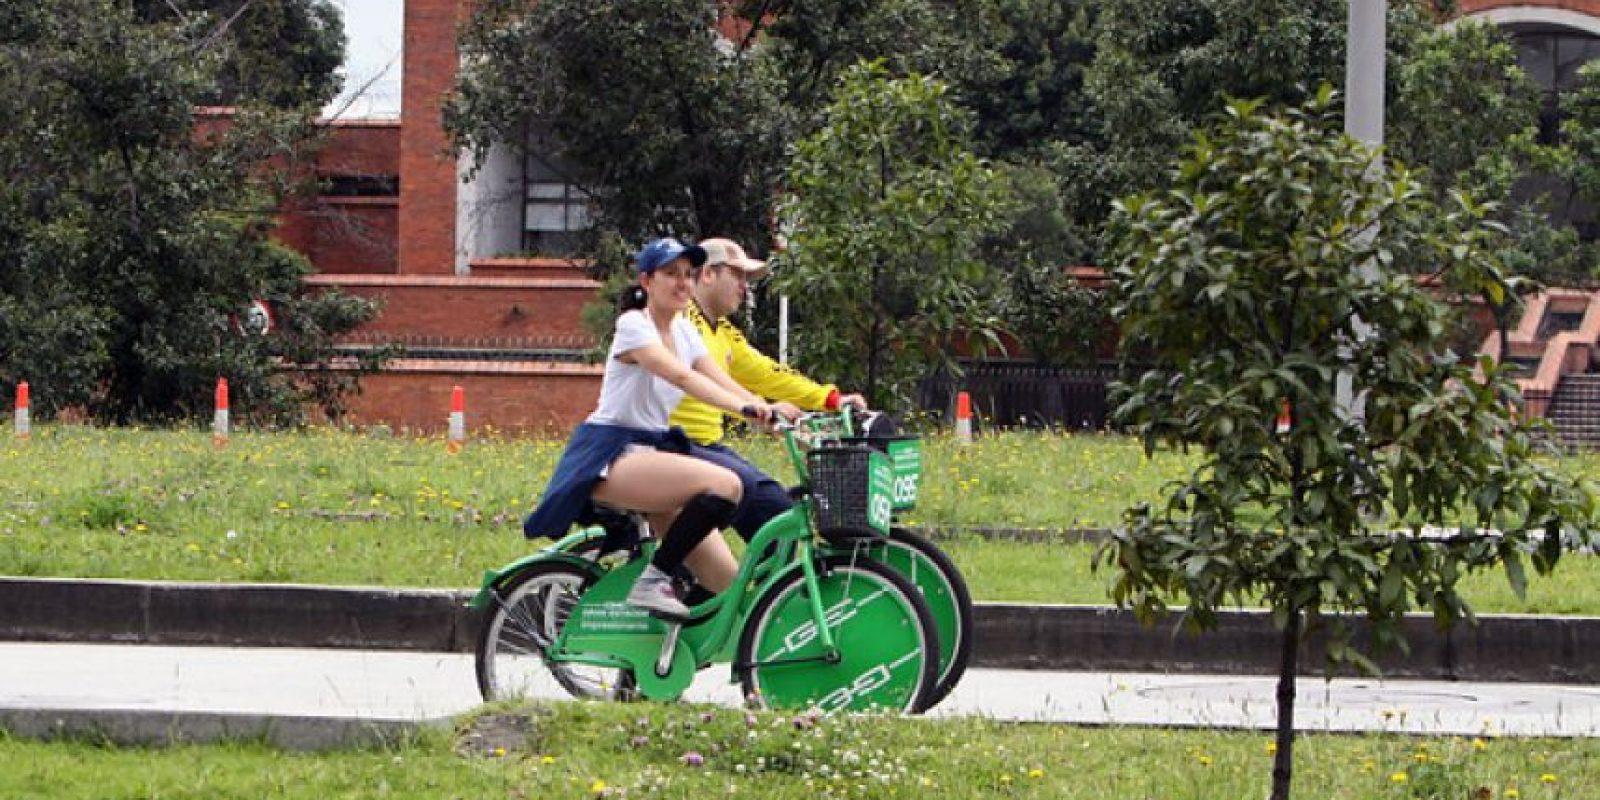 El uso de la bicicleta y menos estrés es fundamental. Foto:Colprensa